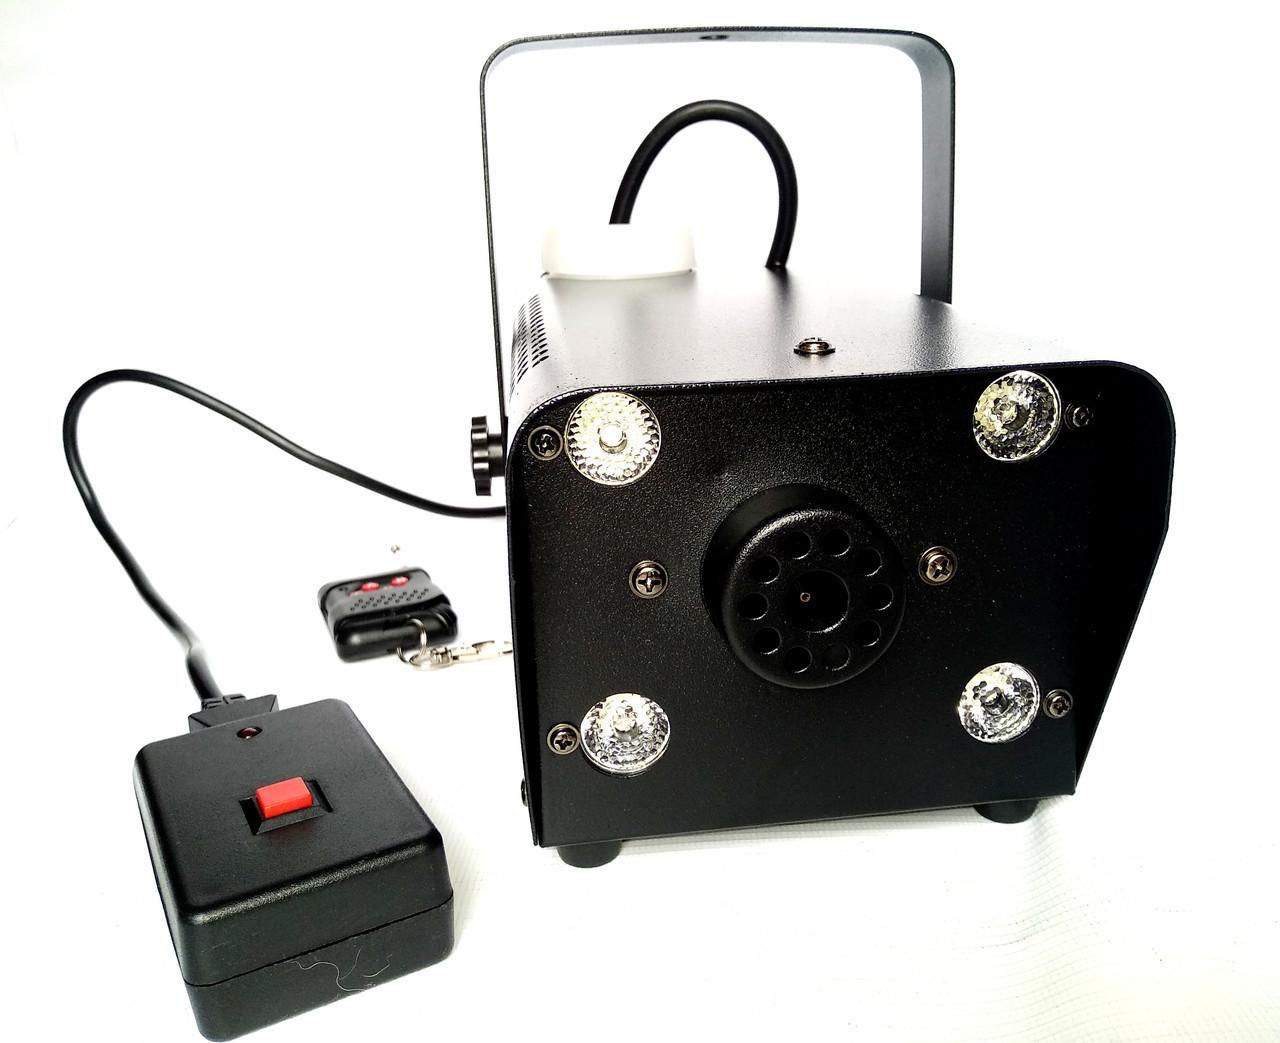 Генератор дыма 400 Вт с пультами управления и подсветкой